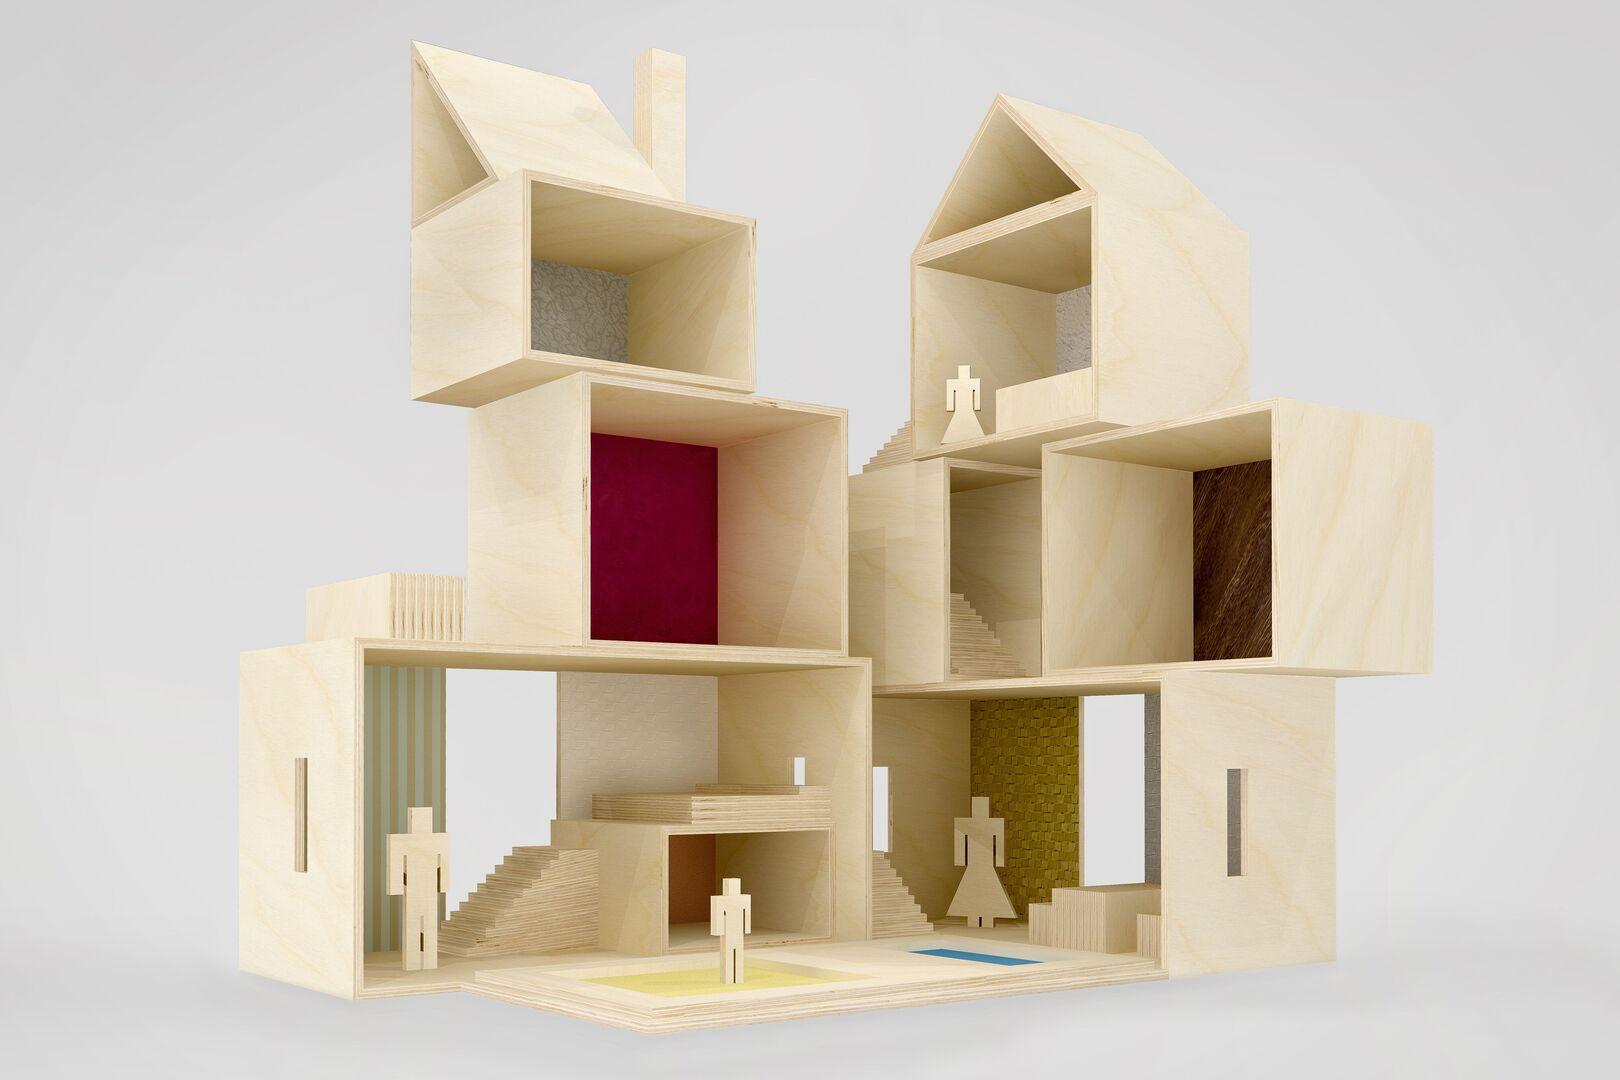 Architecten ontwerpen poppenhuizen in relatie tot energiestofwisselingsziektes